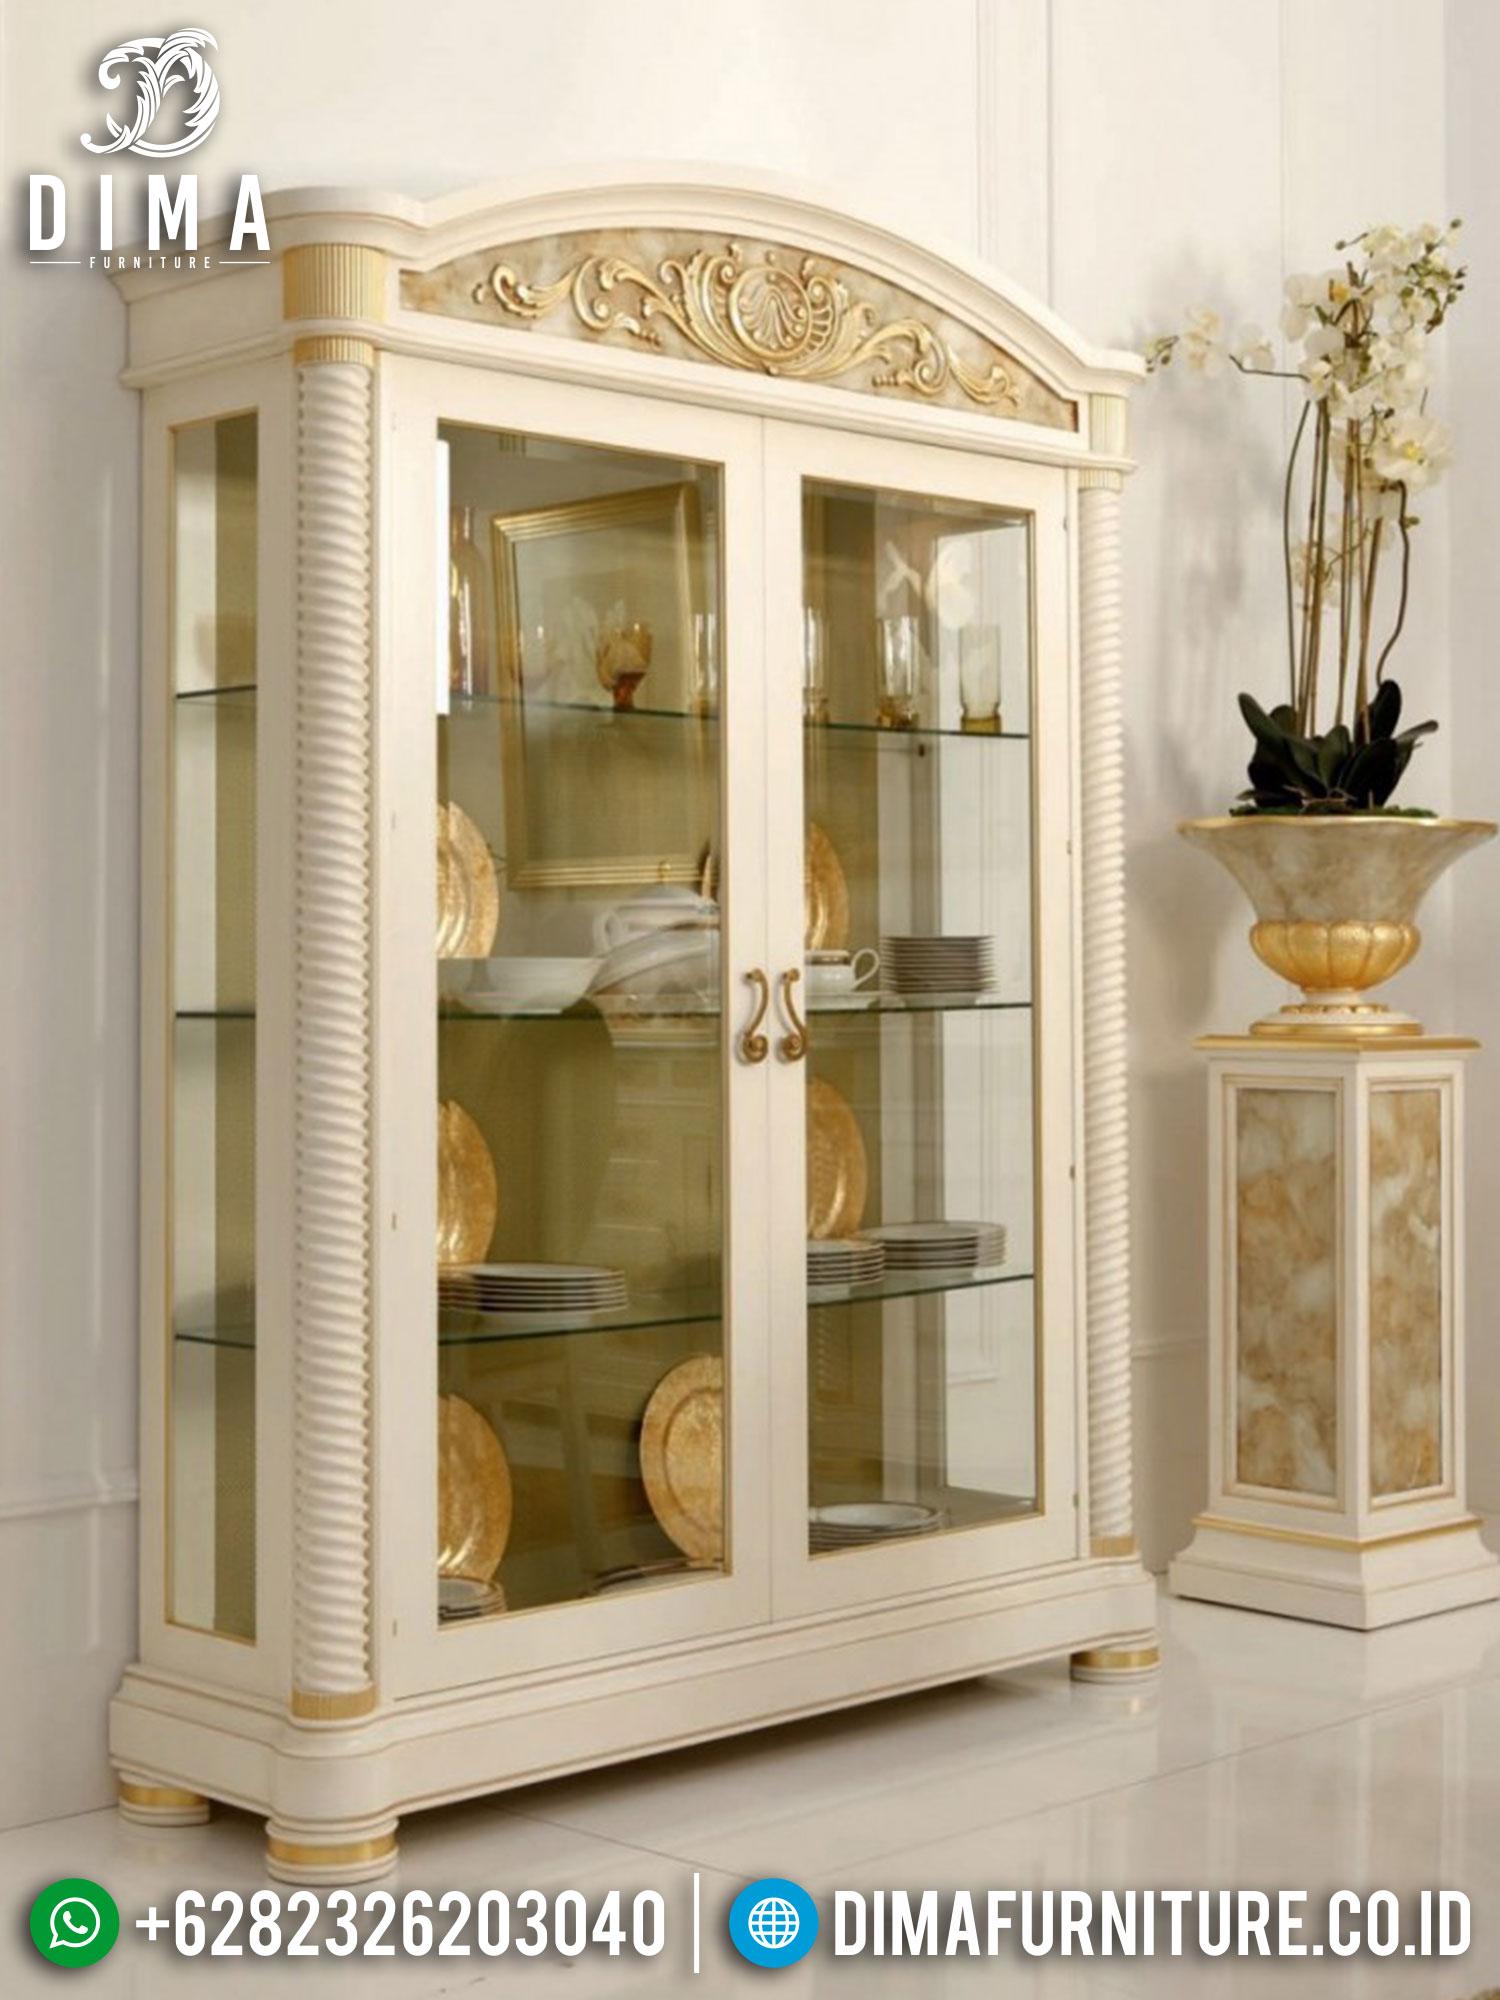 Artistic Lemari Pajangan Mewah Classic Luxury Furniture Jepara New Model TTJ-1451